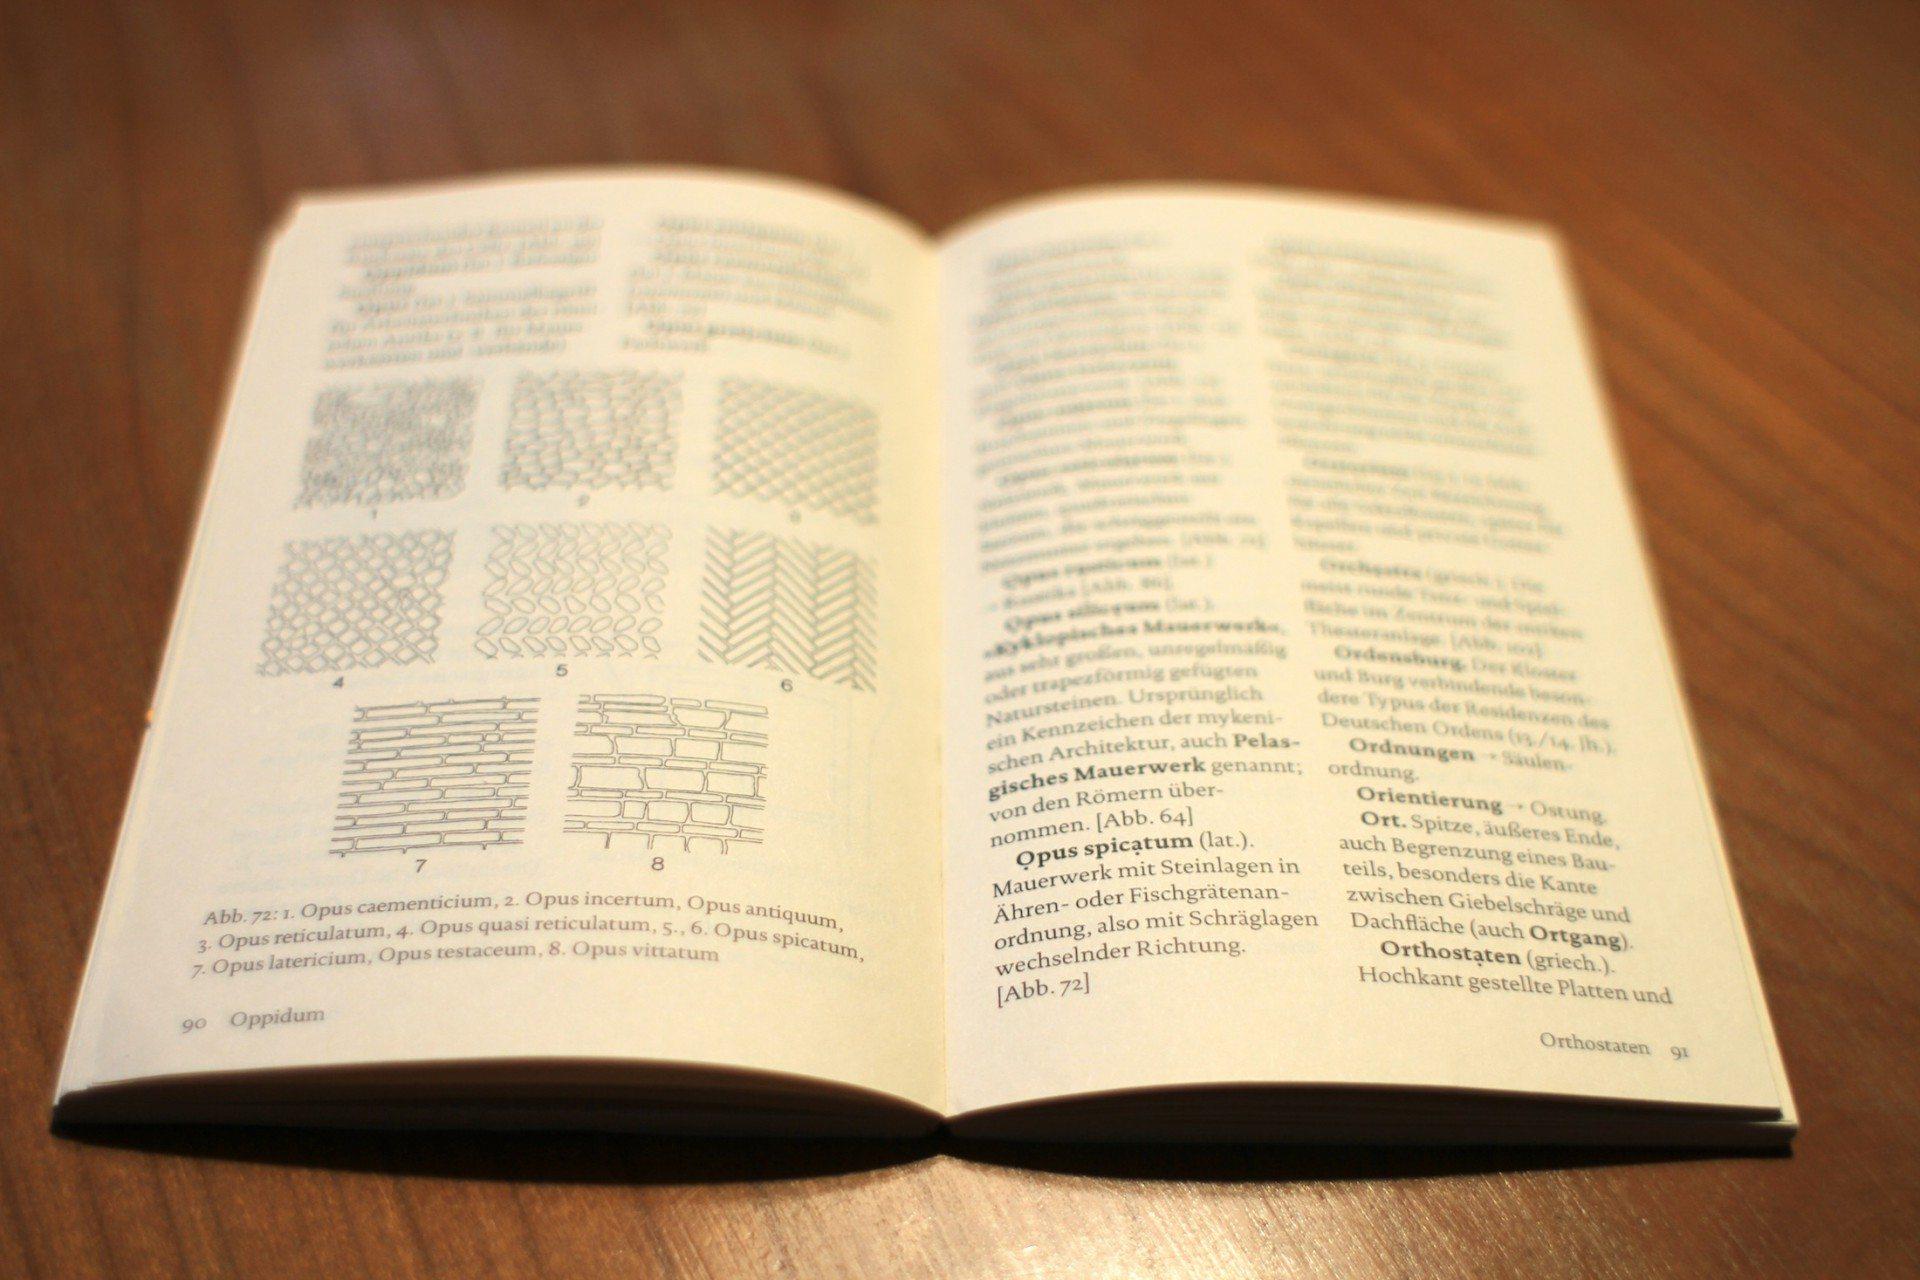 Opus caementicum. Wörterbuch der Architektur